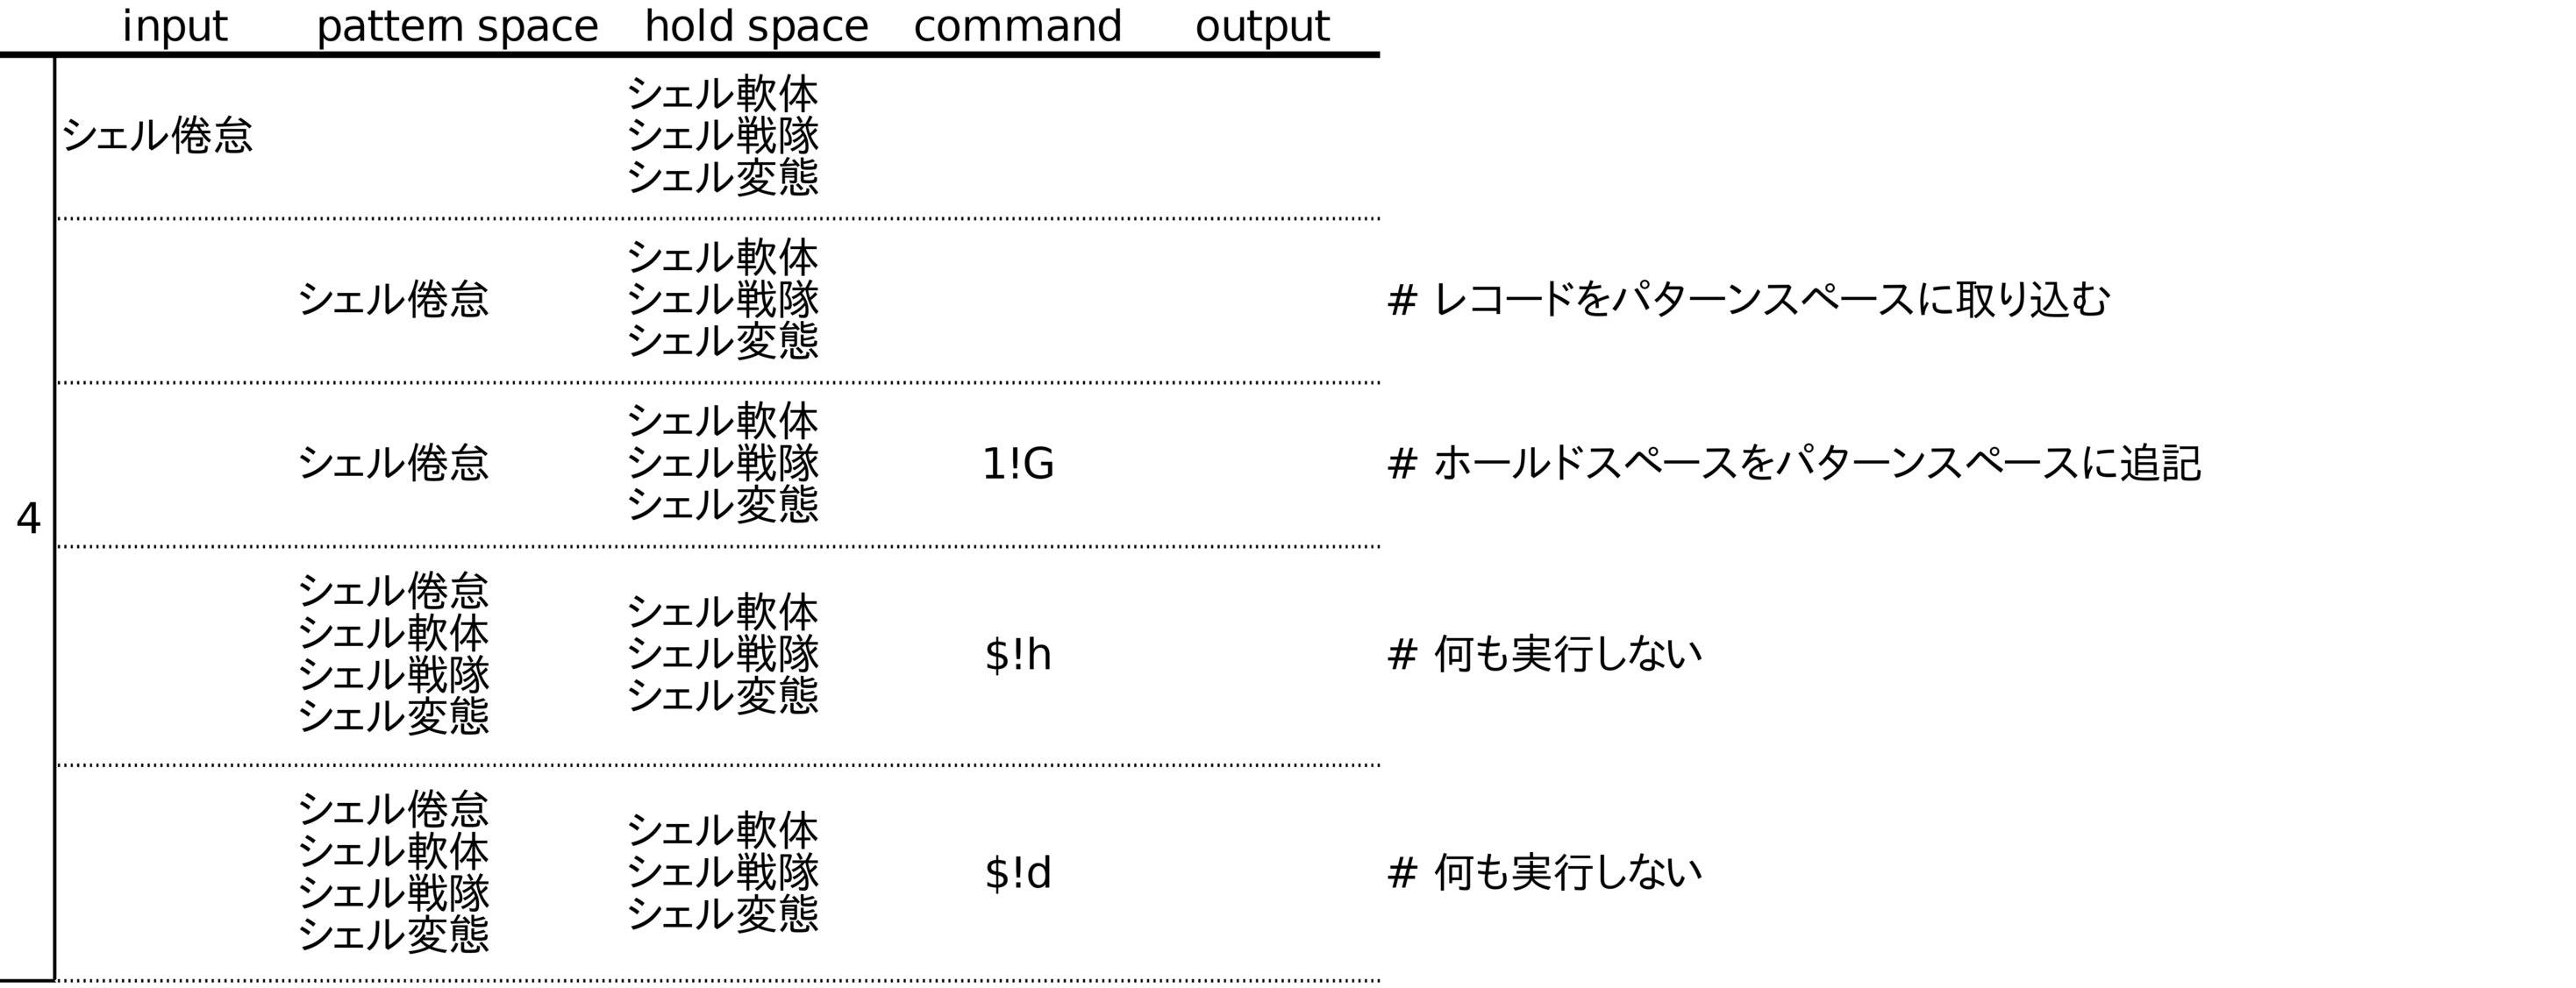 fig2-4-3.jpg